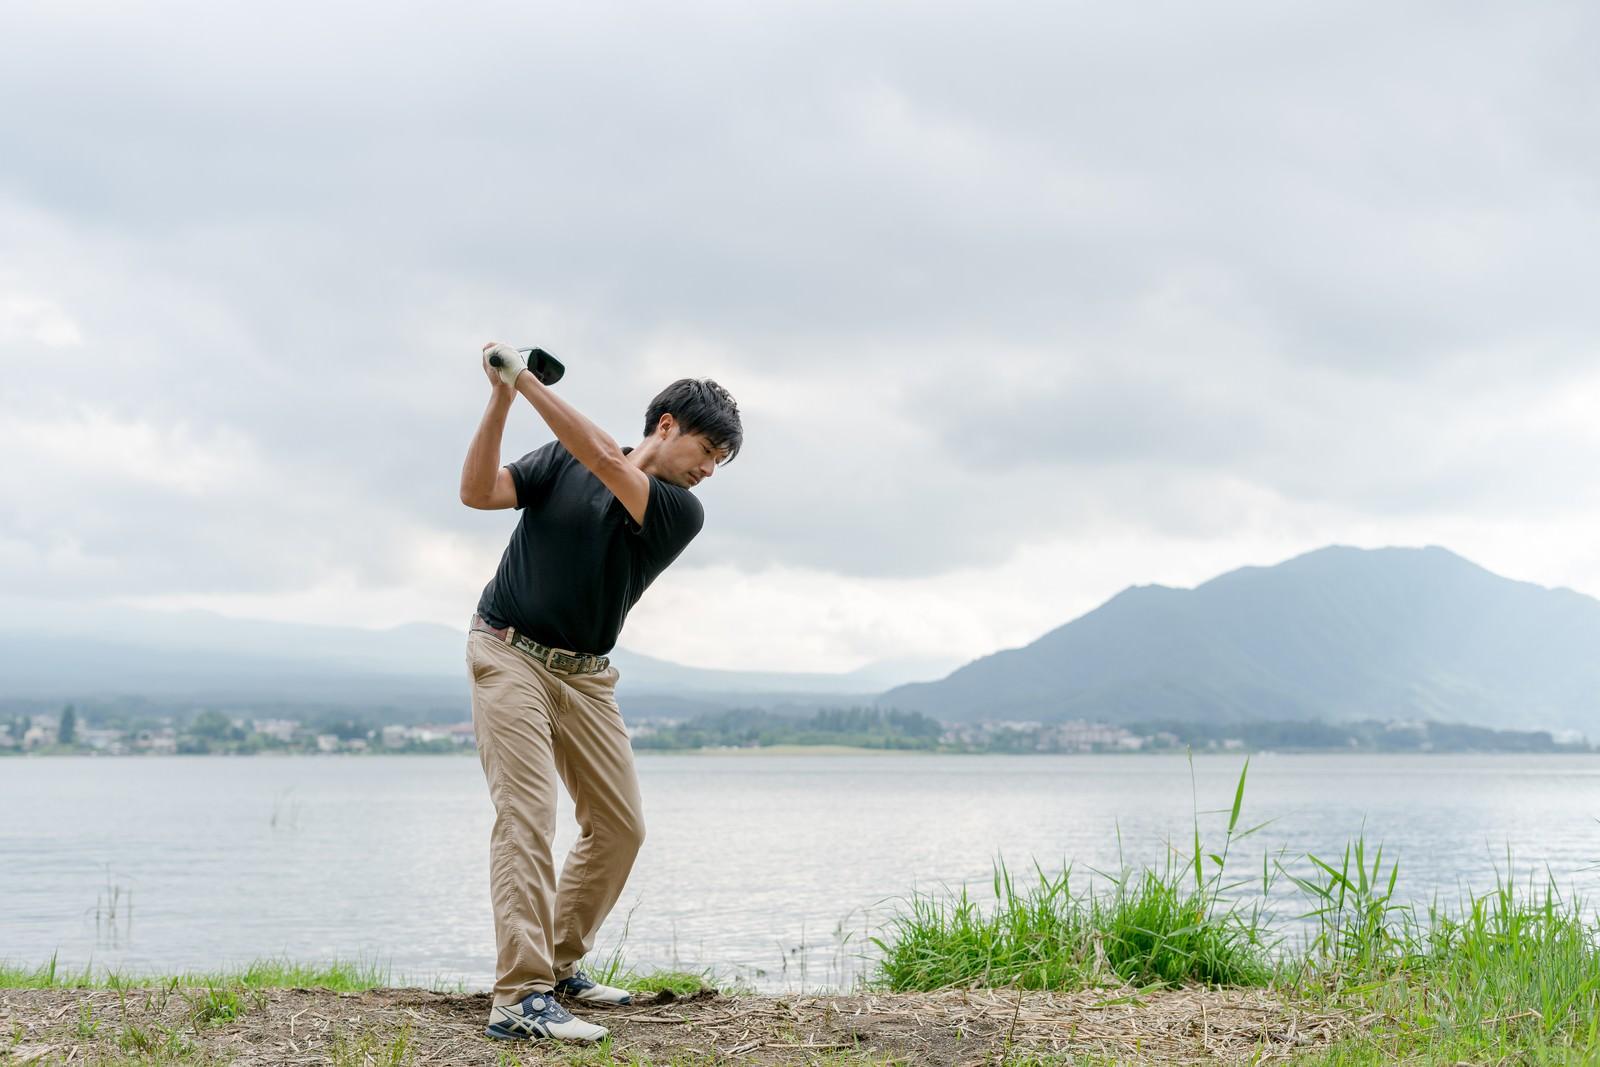 「ゴルファーのスイング(トップ)」の写真[モデル:サカモトリョウ]